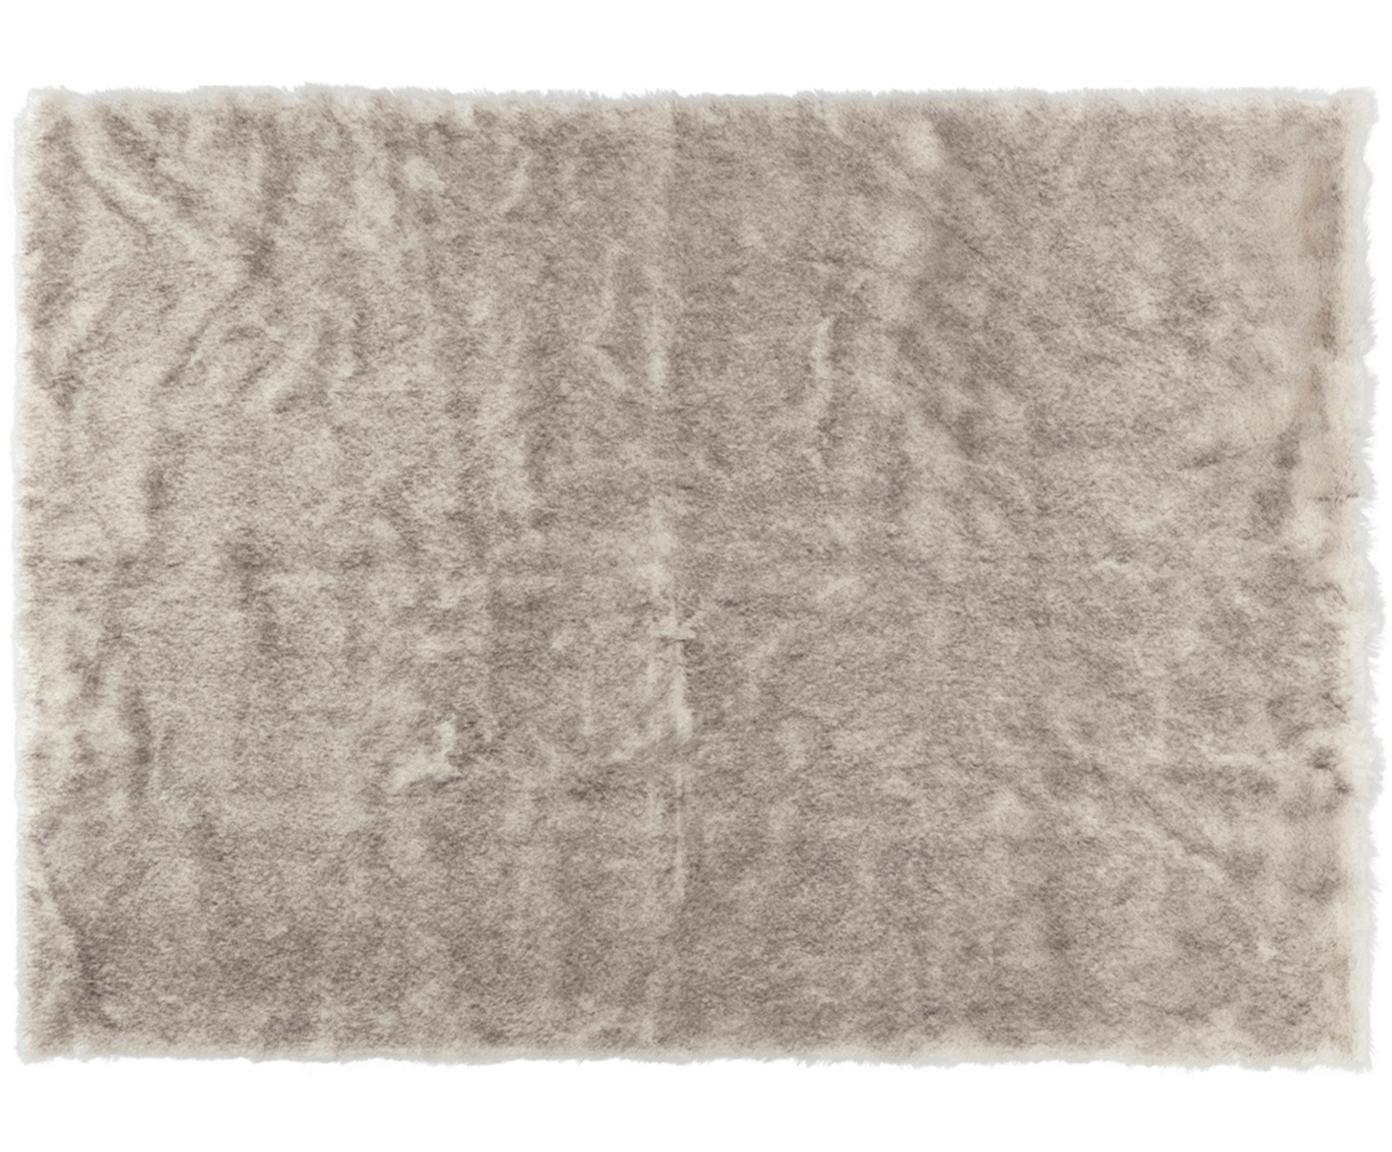 Tappeto a pelo morbido Superior, Vello: 95% acrilico, 5% polieste, Retro: similpelle, Crema, beige, bianco, Larg. 120 x Lung. 170 cm (taglia S)